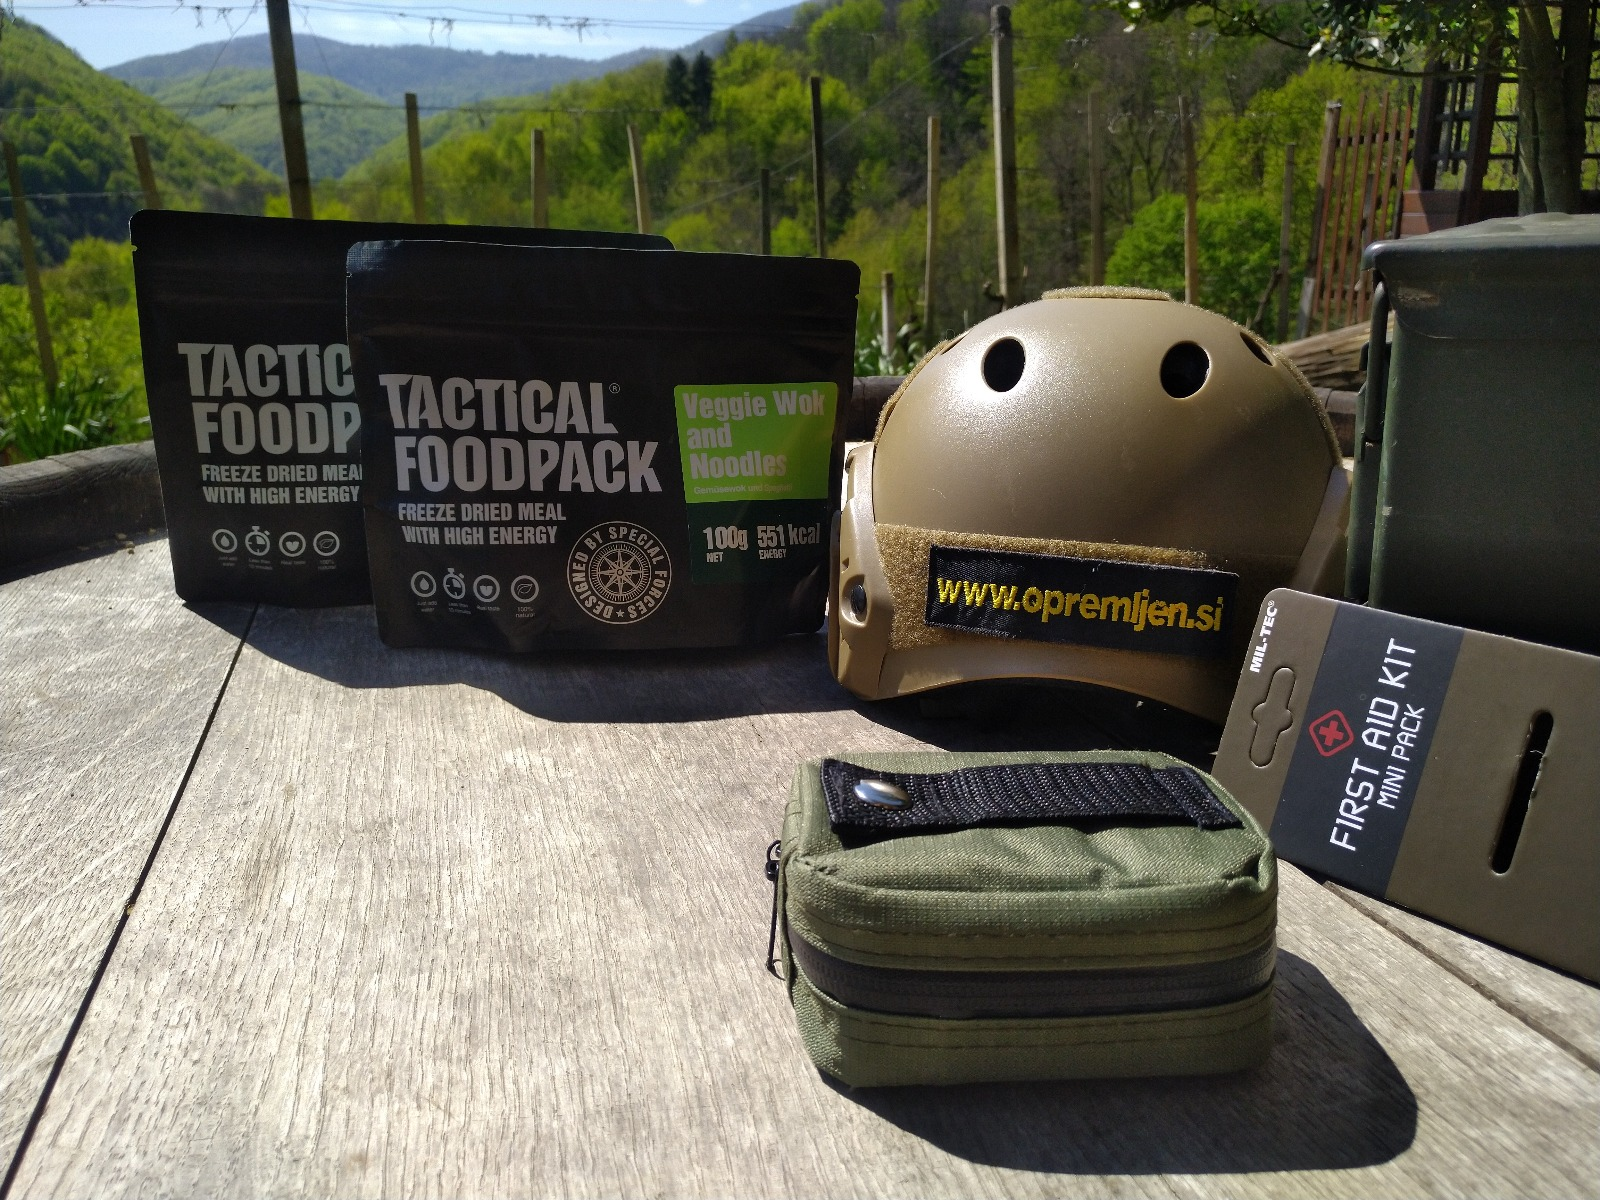 B33 army shop, prva pomoč, torbica prva pomoč, prva pomoč torbica okoli pasu, prenosna prva pomoč, MILTEC, MIL-TEC, B33 army shop, Army shop, Trgovina z vojaško opremo, vojaška trgovina